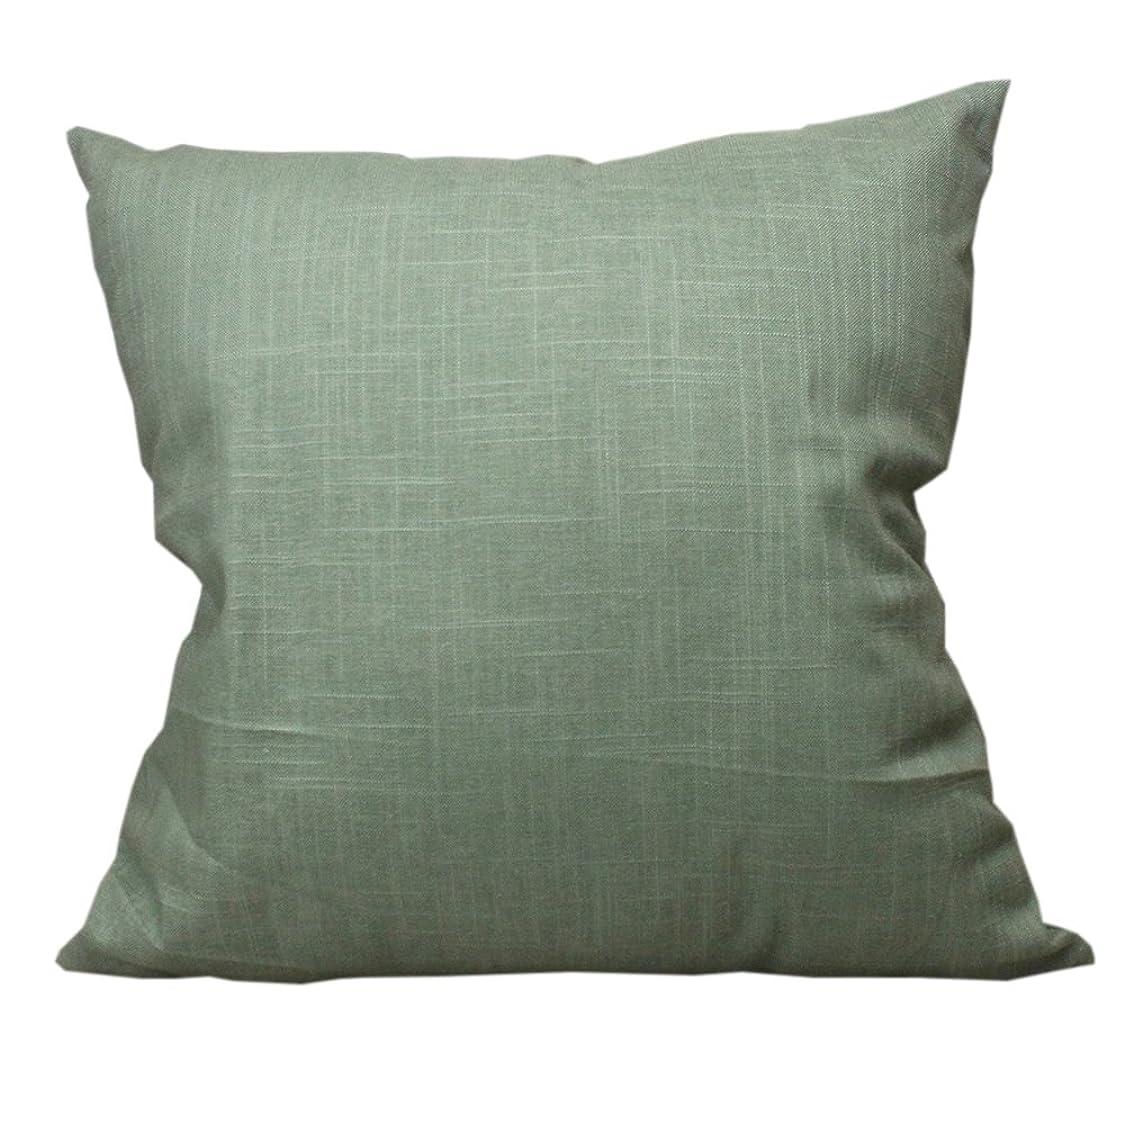 太鼓腹不適当フラッシュのように素早く純色 綿麻 クッションカバー 無地 枕カバー インテリア おしゃれ ソファー 抱き枕カバー (ライトグリーン, 55x55cm)